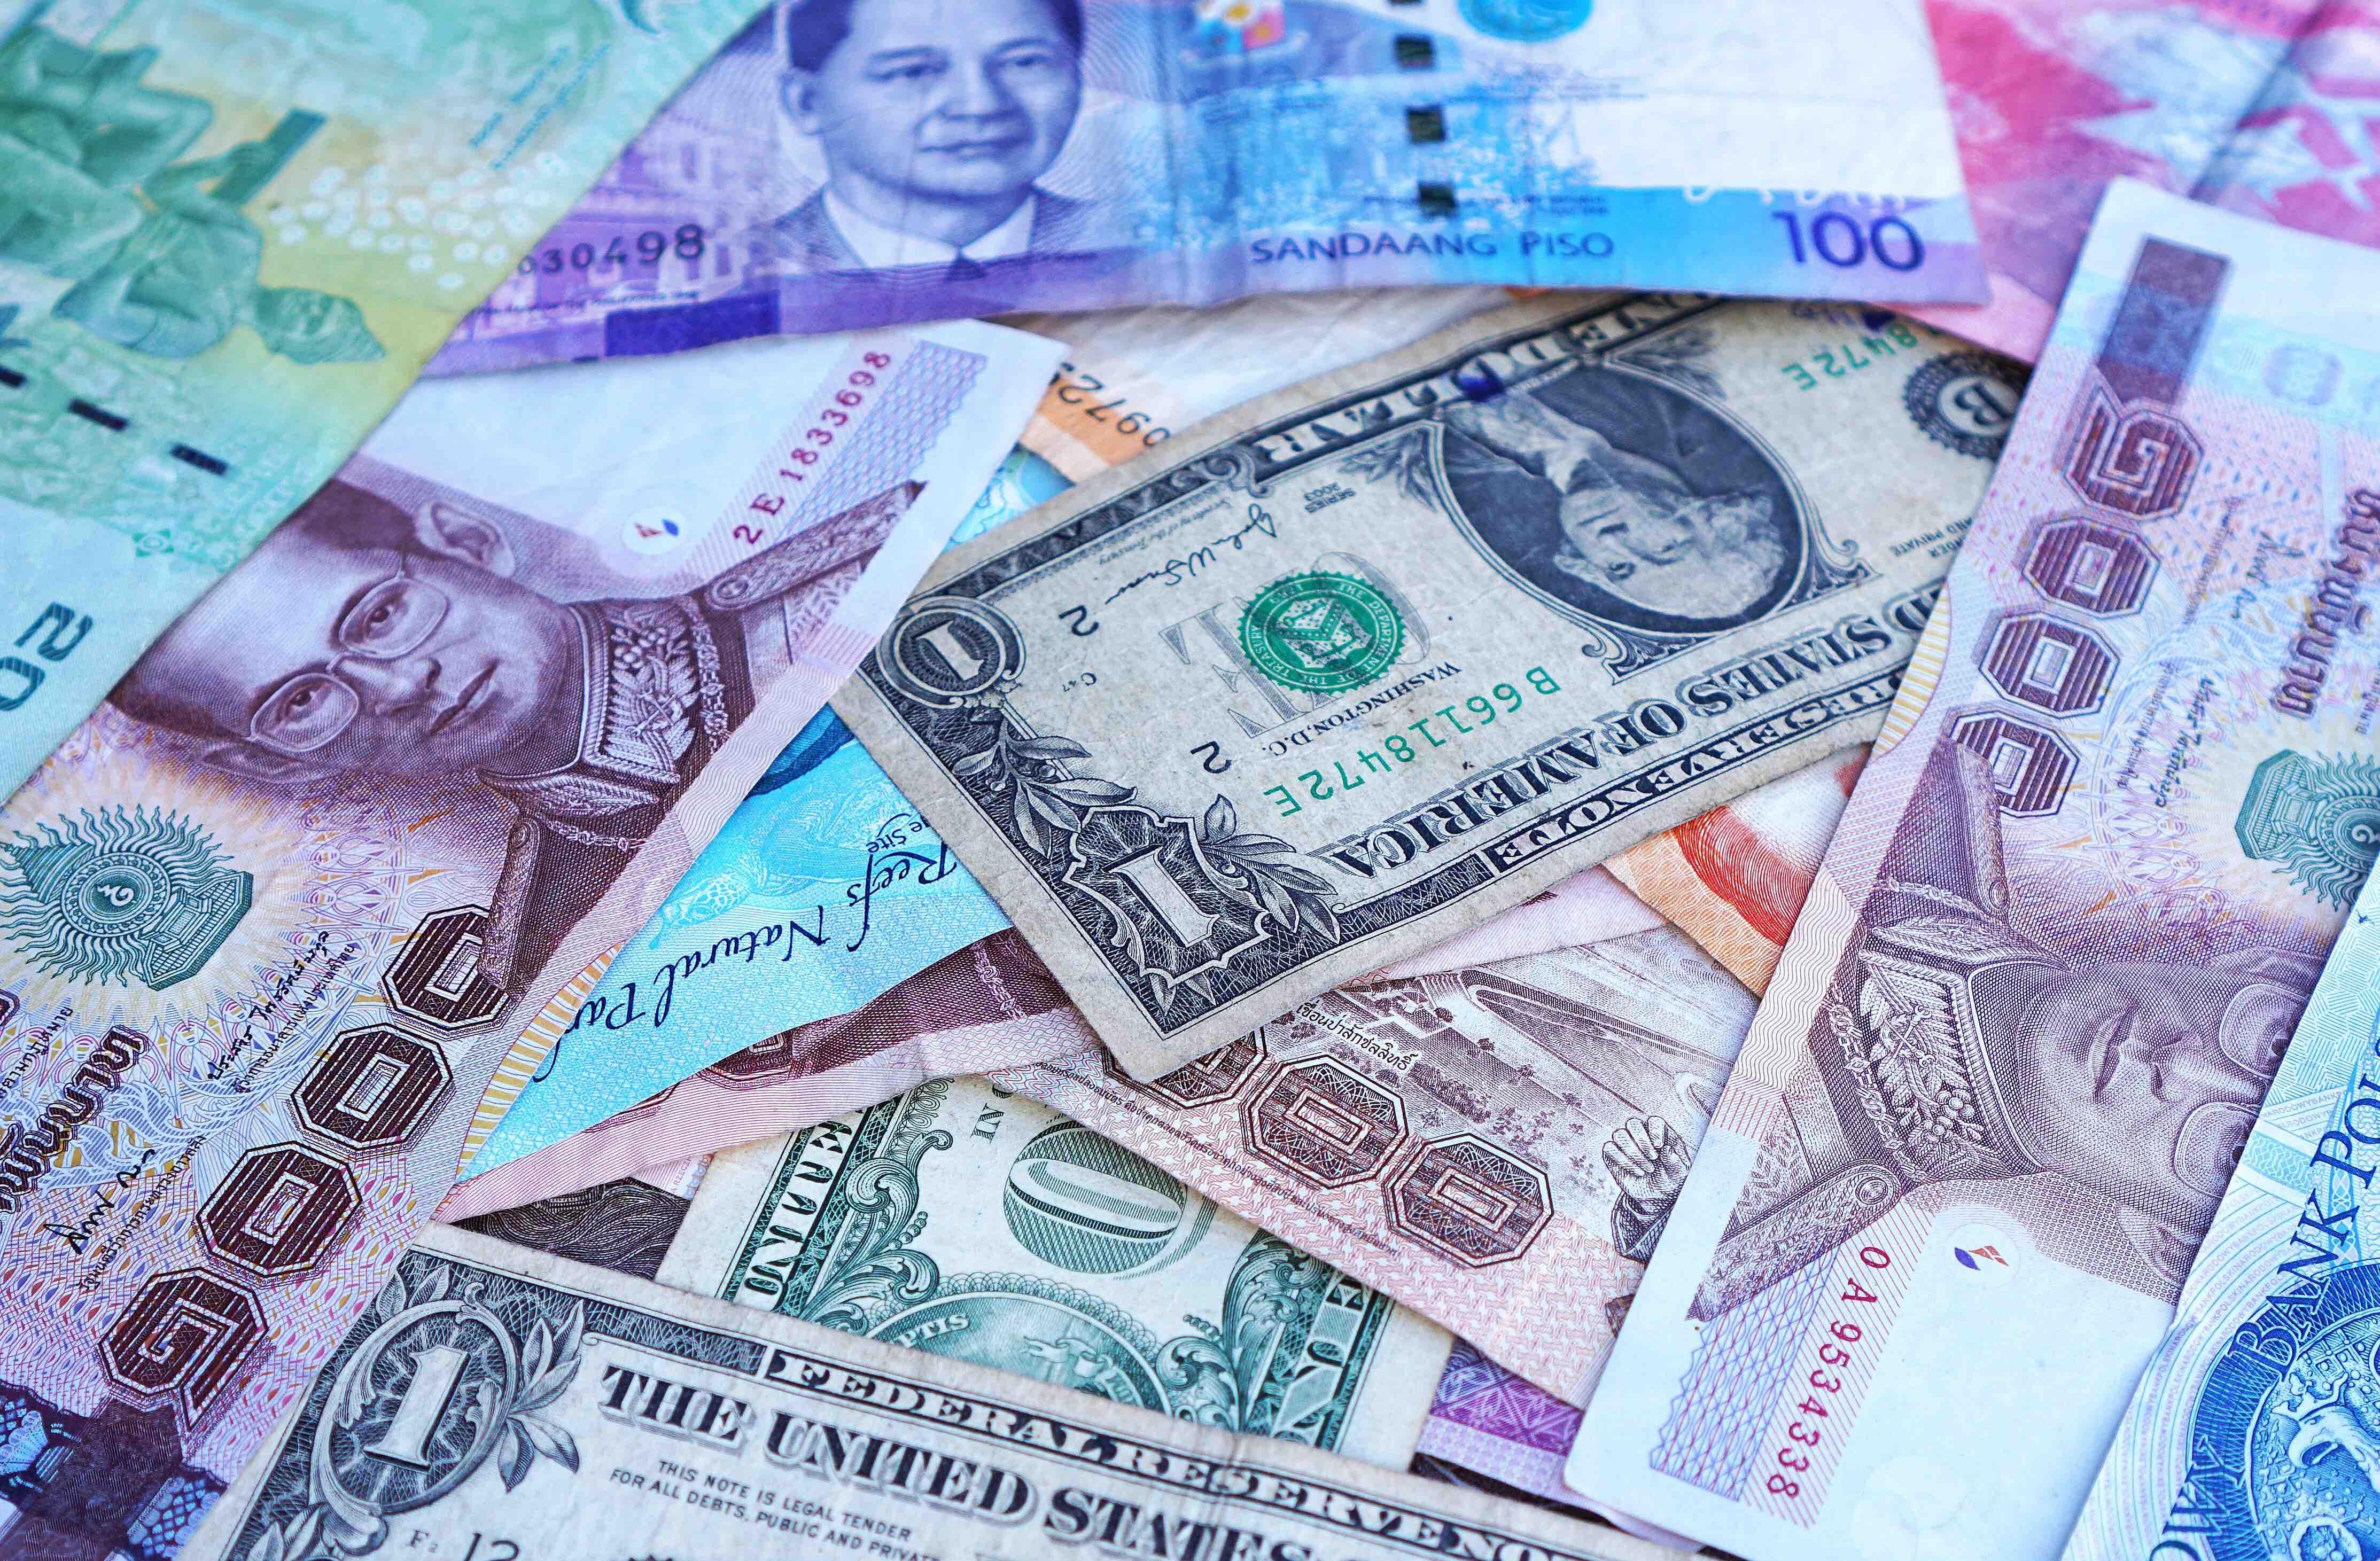 Vreemde valuta hier opnemen of pas in het buitenland?